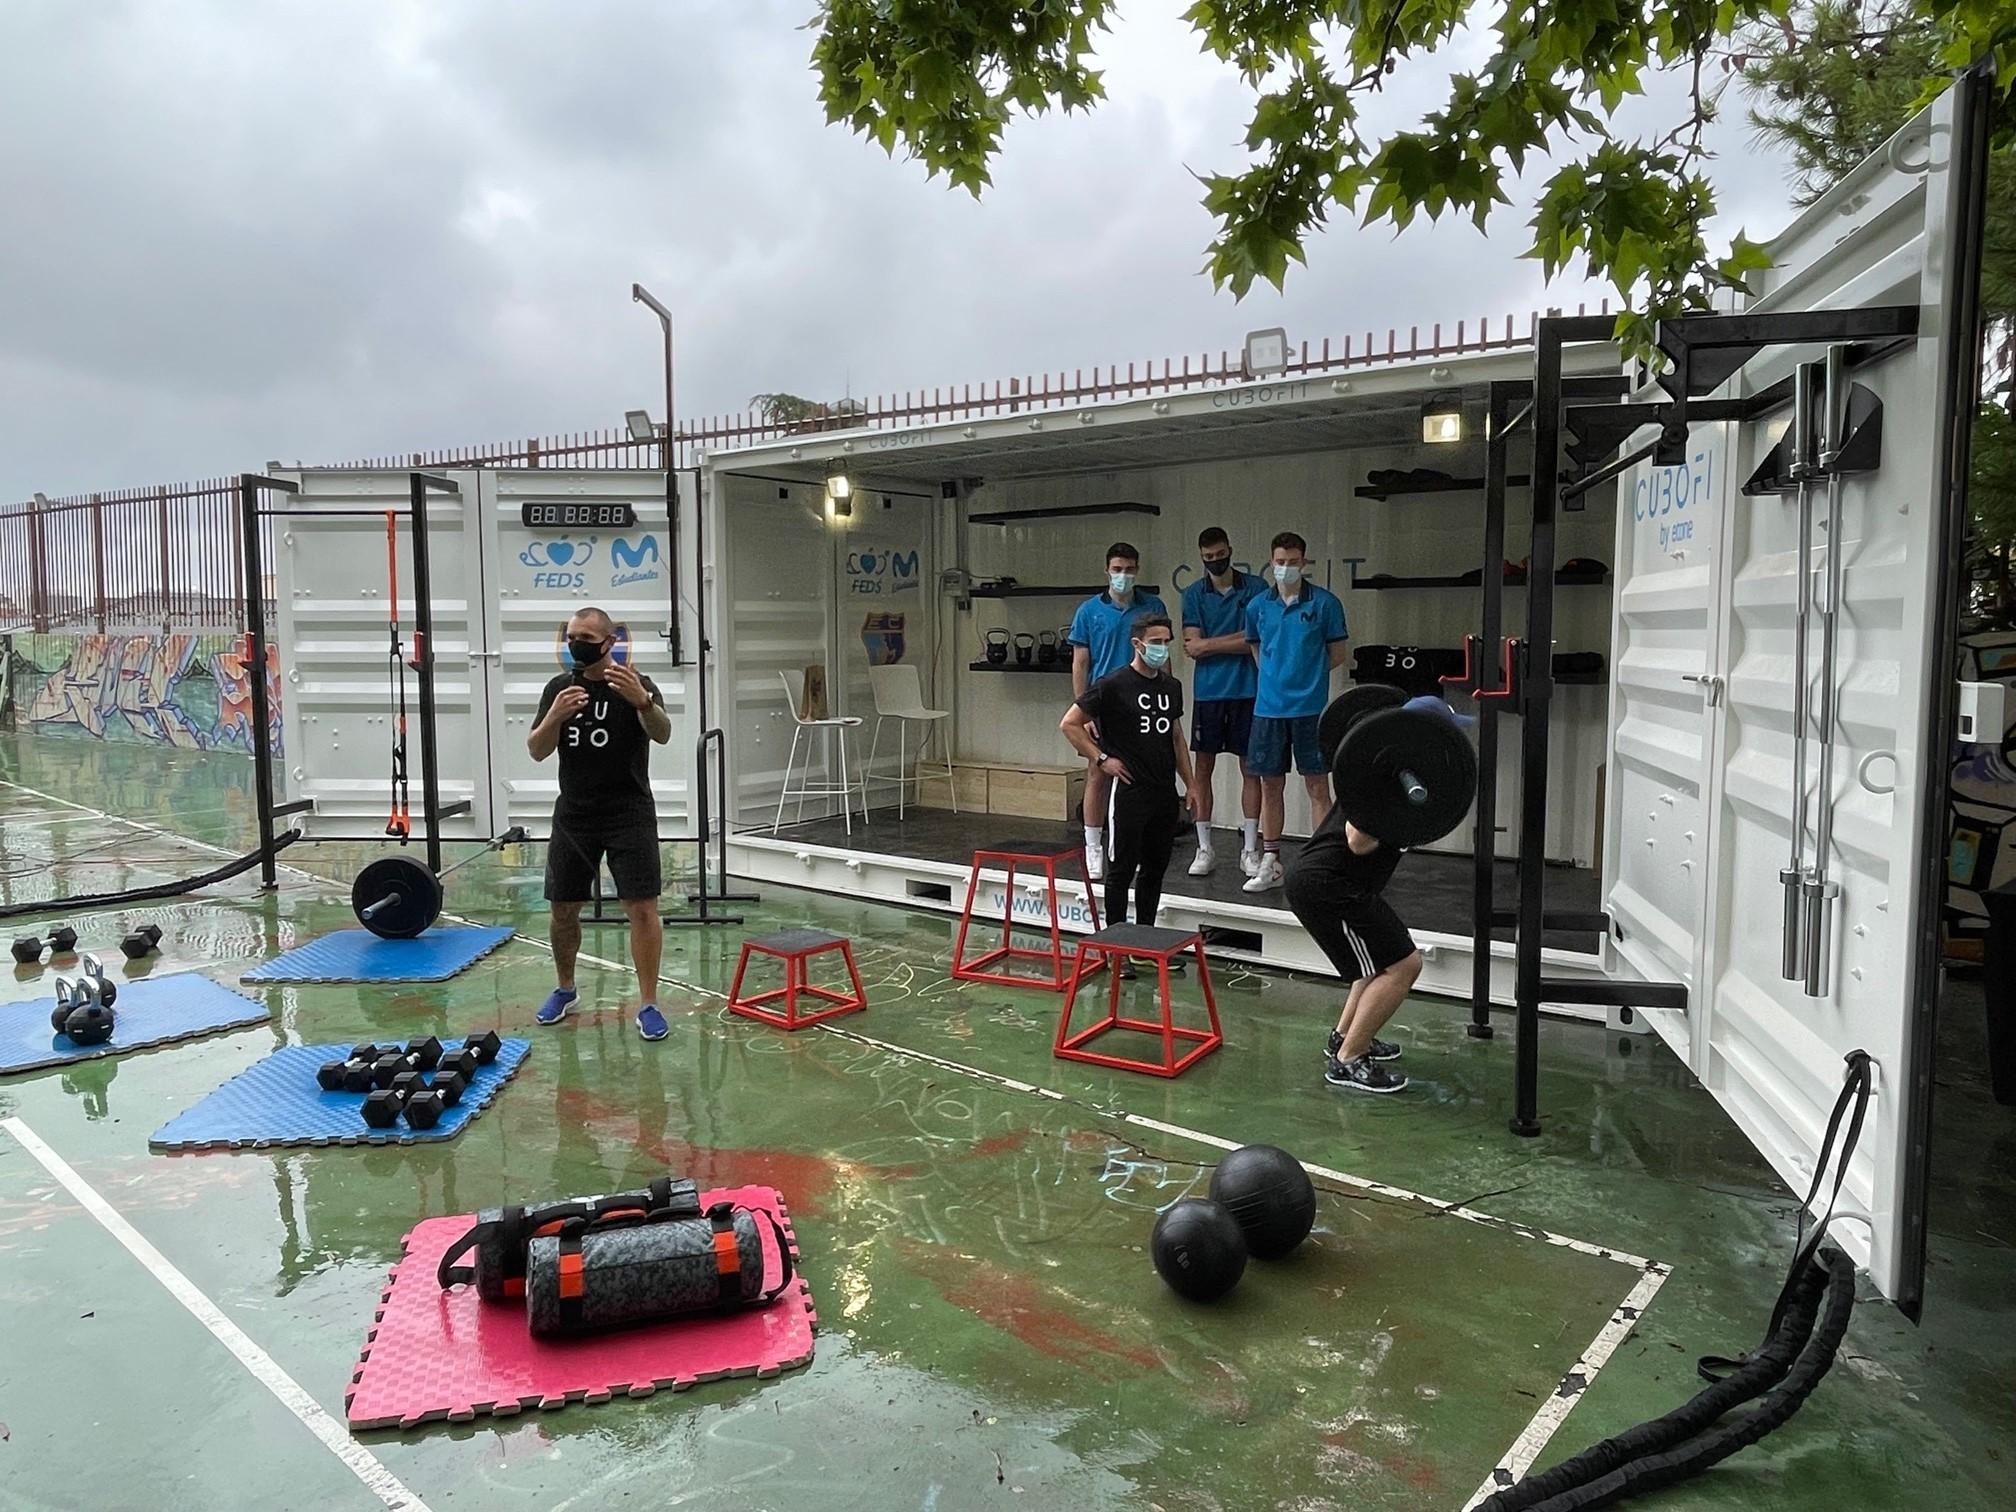 Cubofit provee al Movistar Estudiantes con uno de sus gimnasios modulares